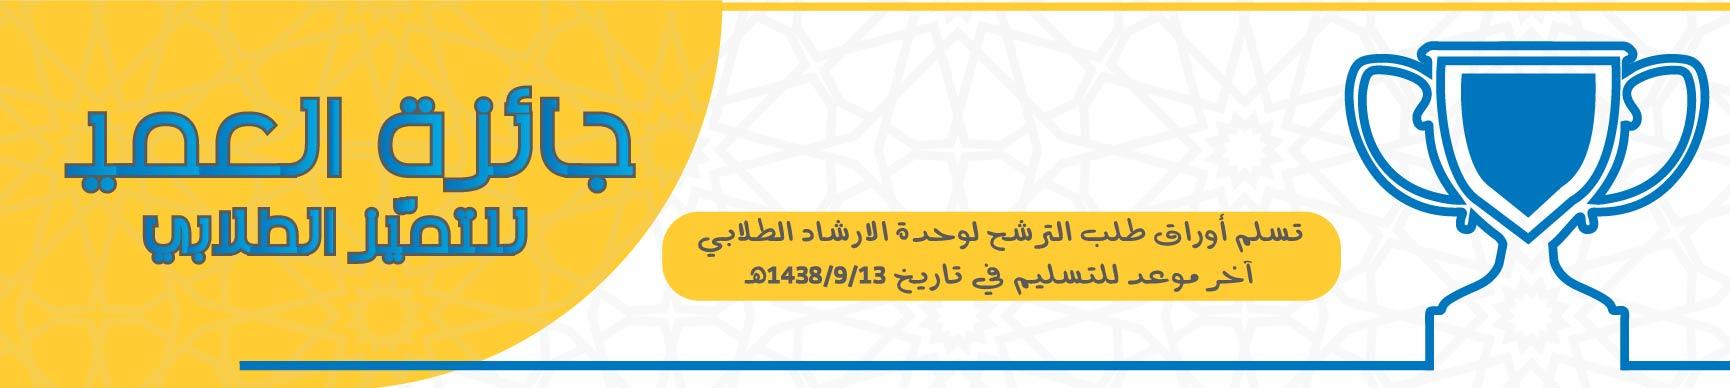 جائزة عميد الكلية للتميز الطلابي